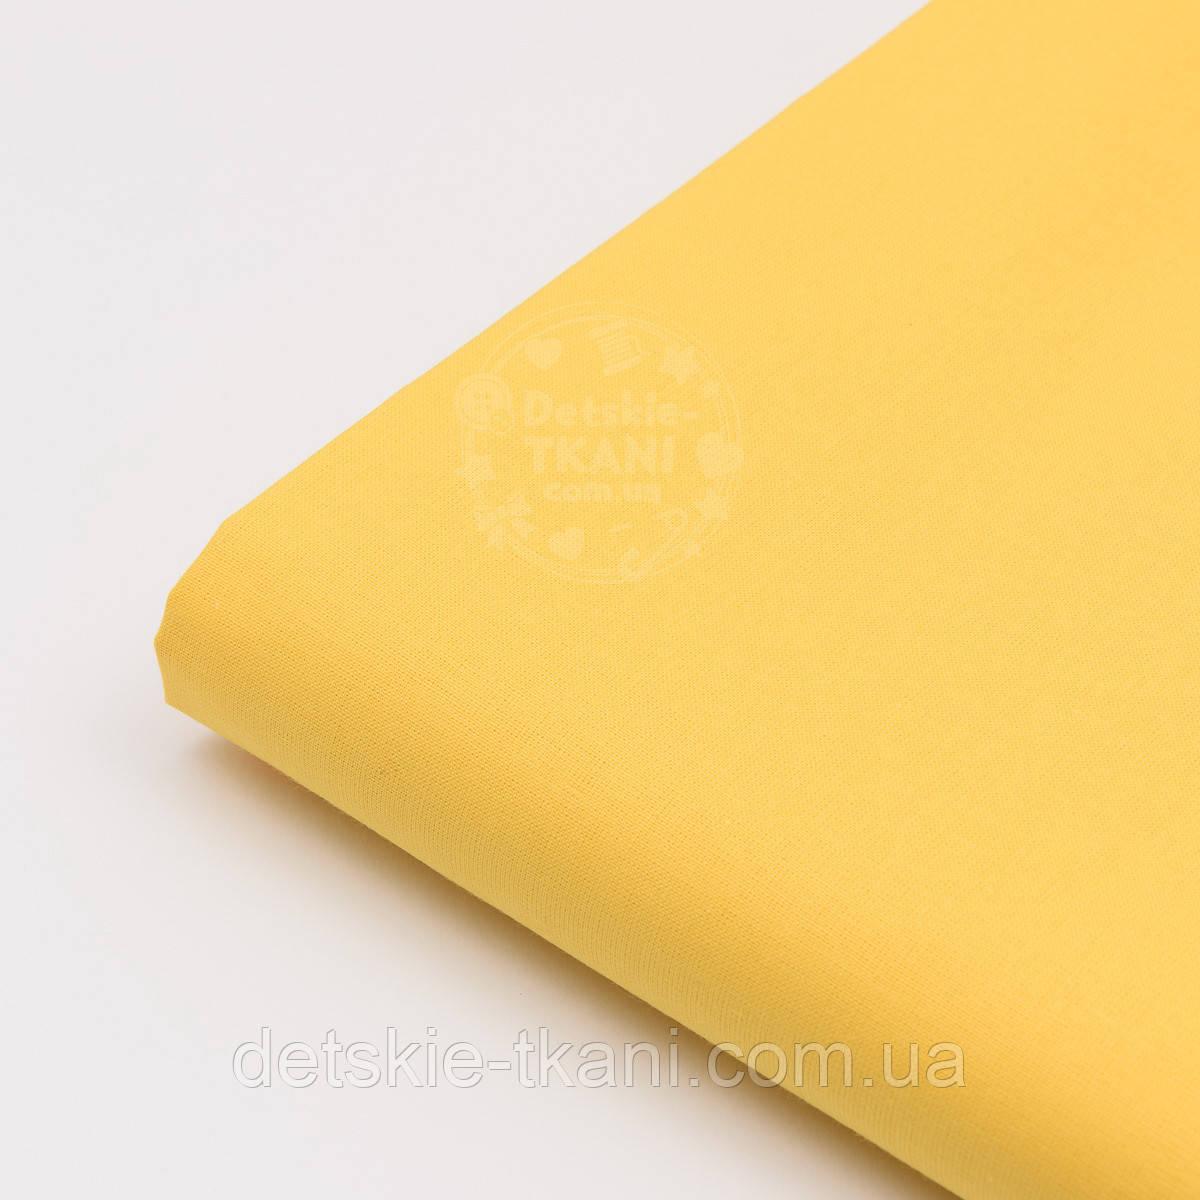 Лоскут ткани №35а тёмно-жёлтого цвет, размер 72*76 см